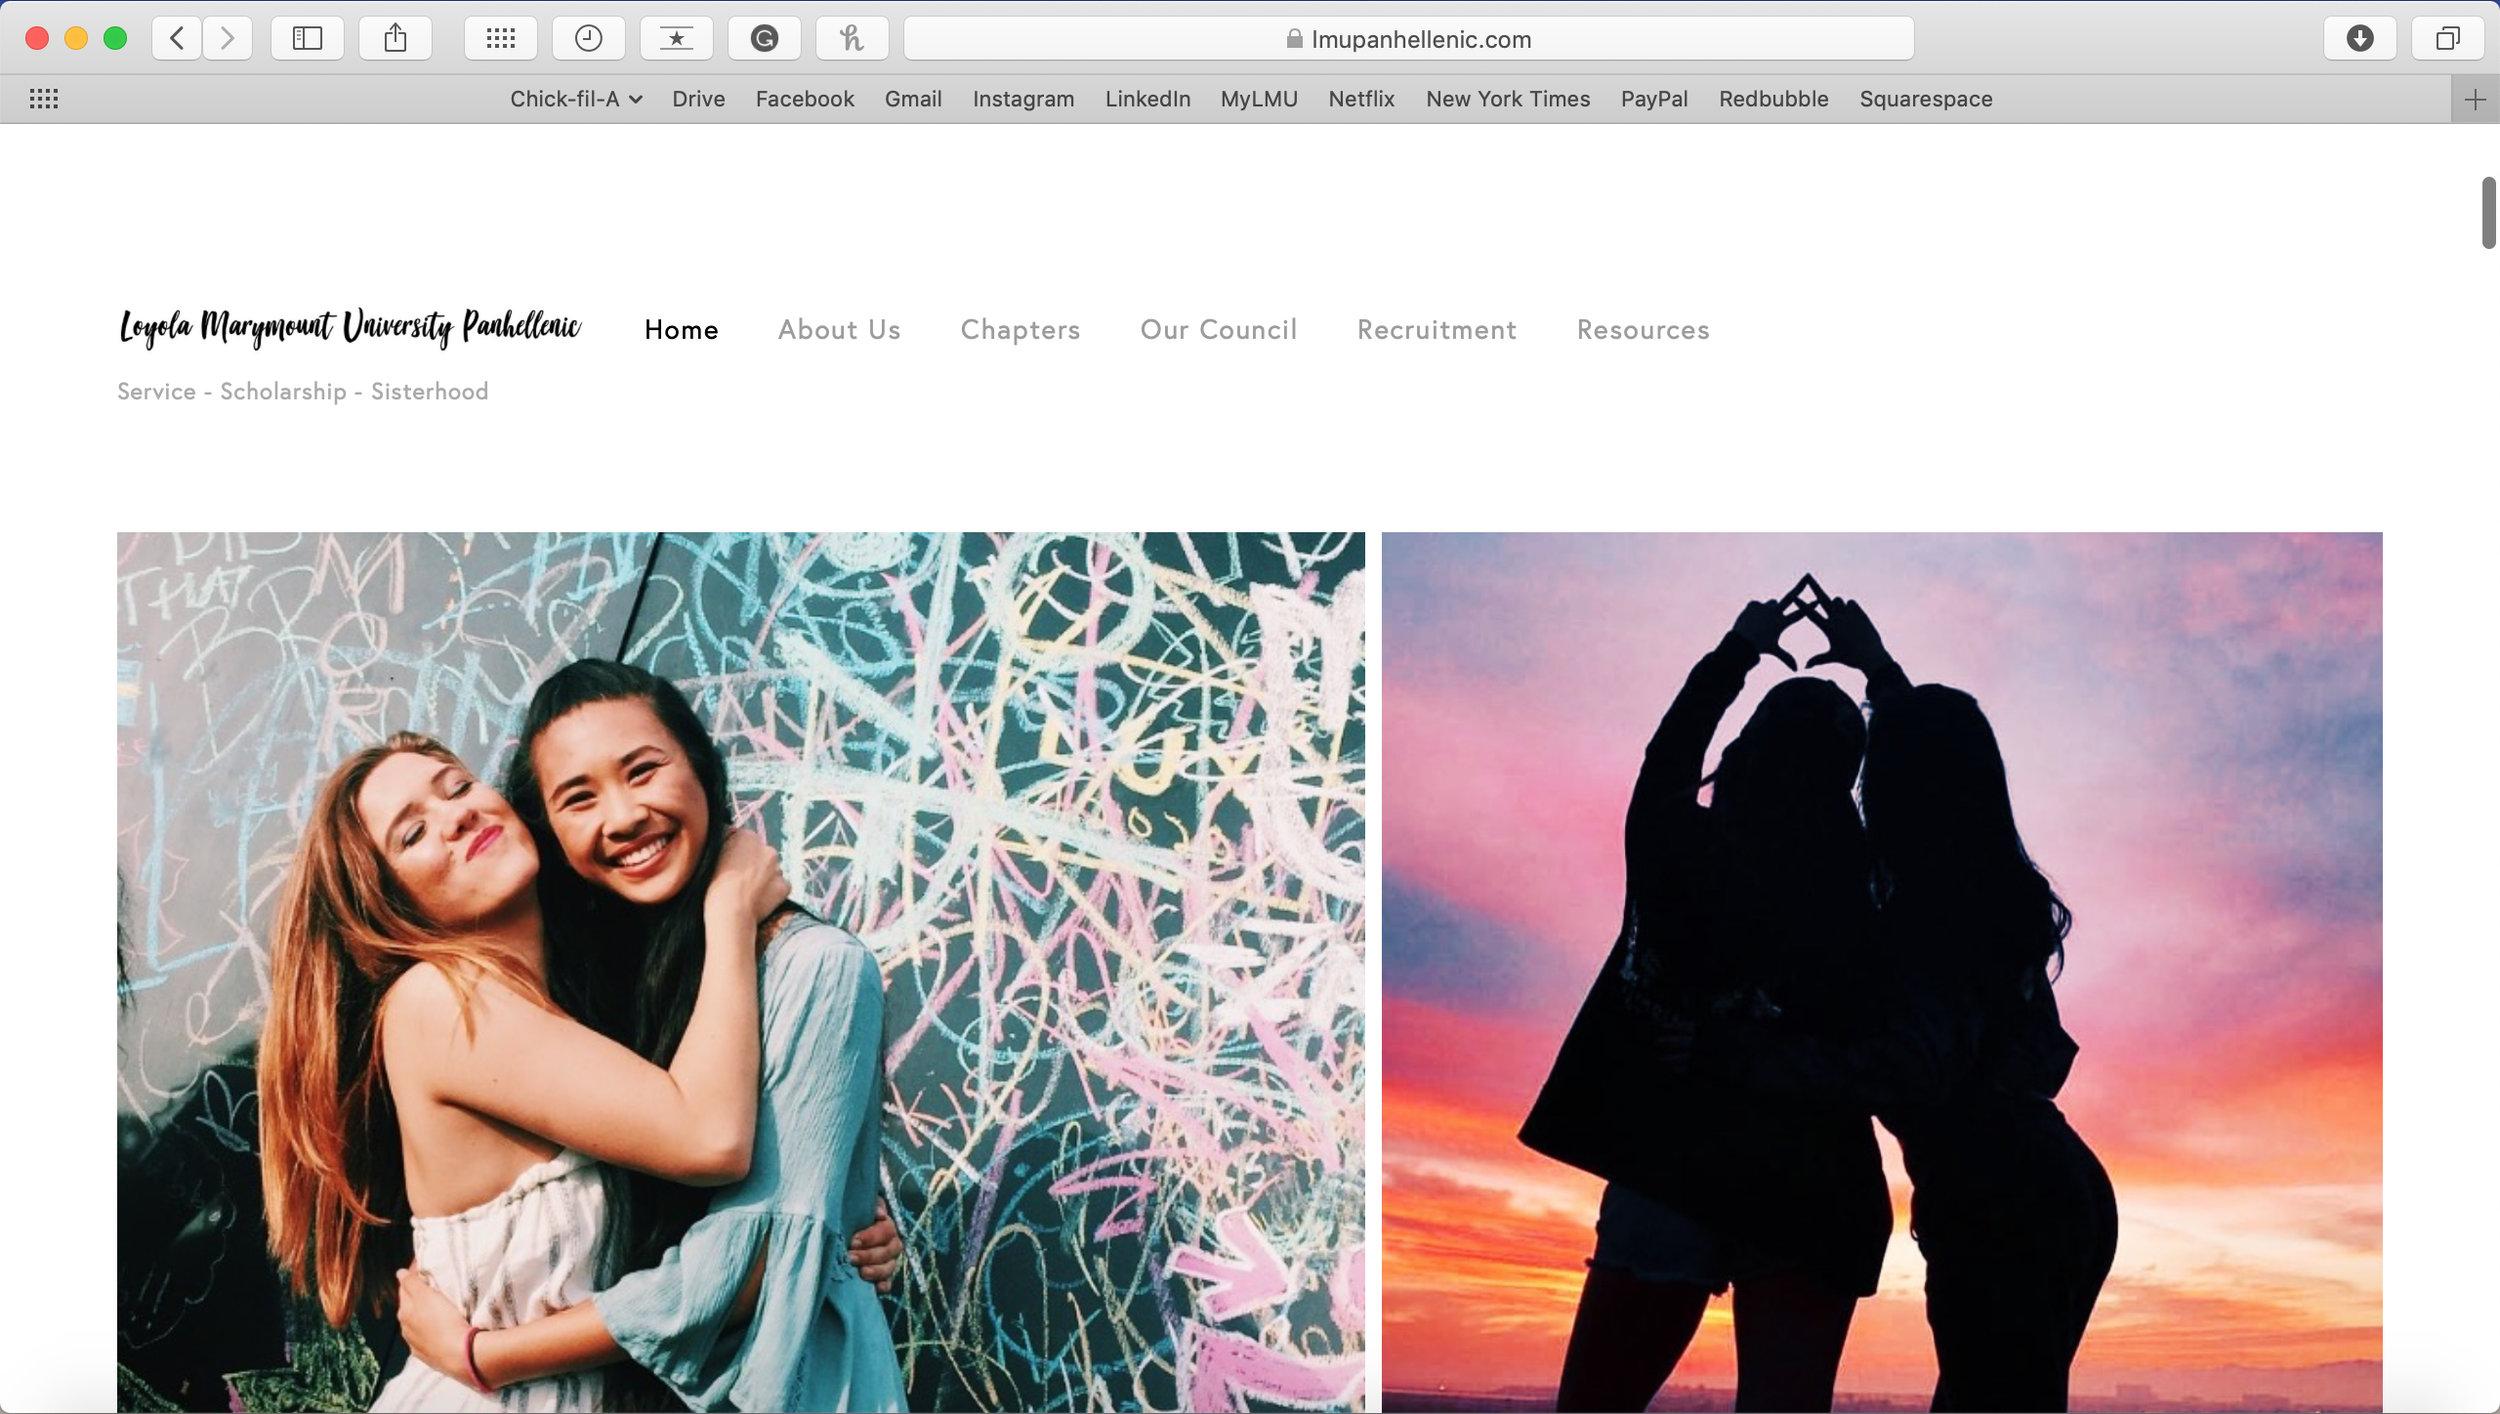 lmupanhellenic.com.jpg